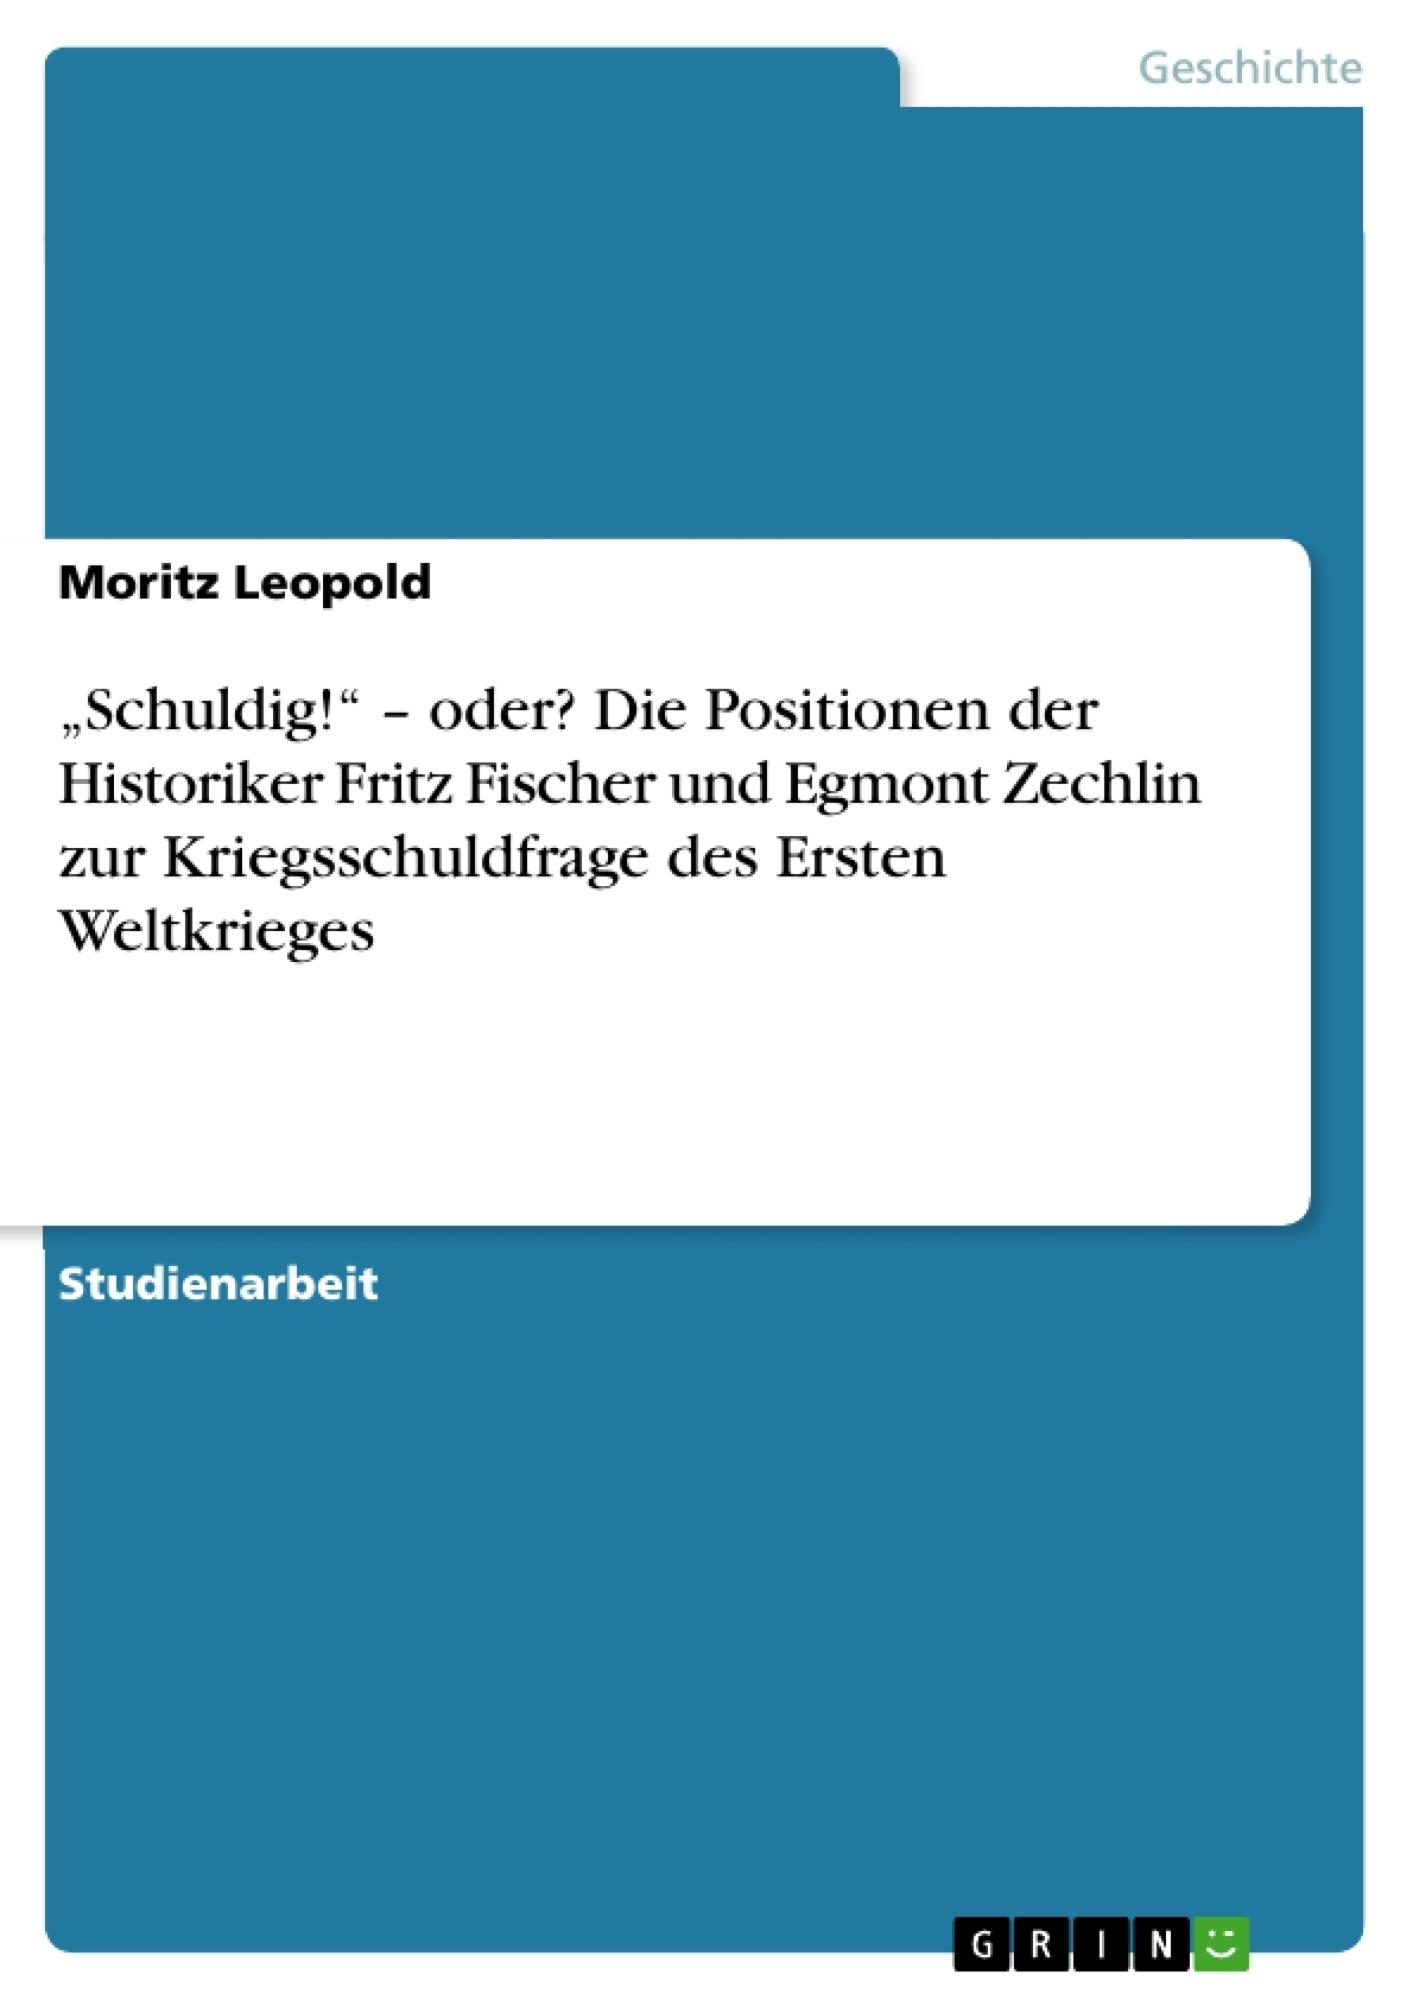 """Titel: """"Schuldig!"""" – oder?  Die Positionen der Historiker Fritz Fischer und Egmont Zechlin zur Kriegsschuldfrage des Ersten Weltkrieges"""